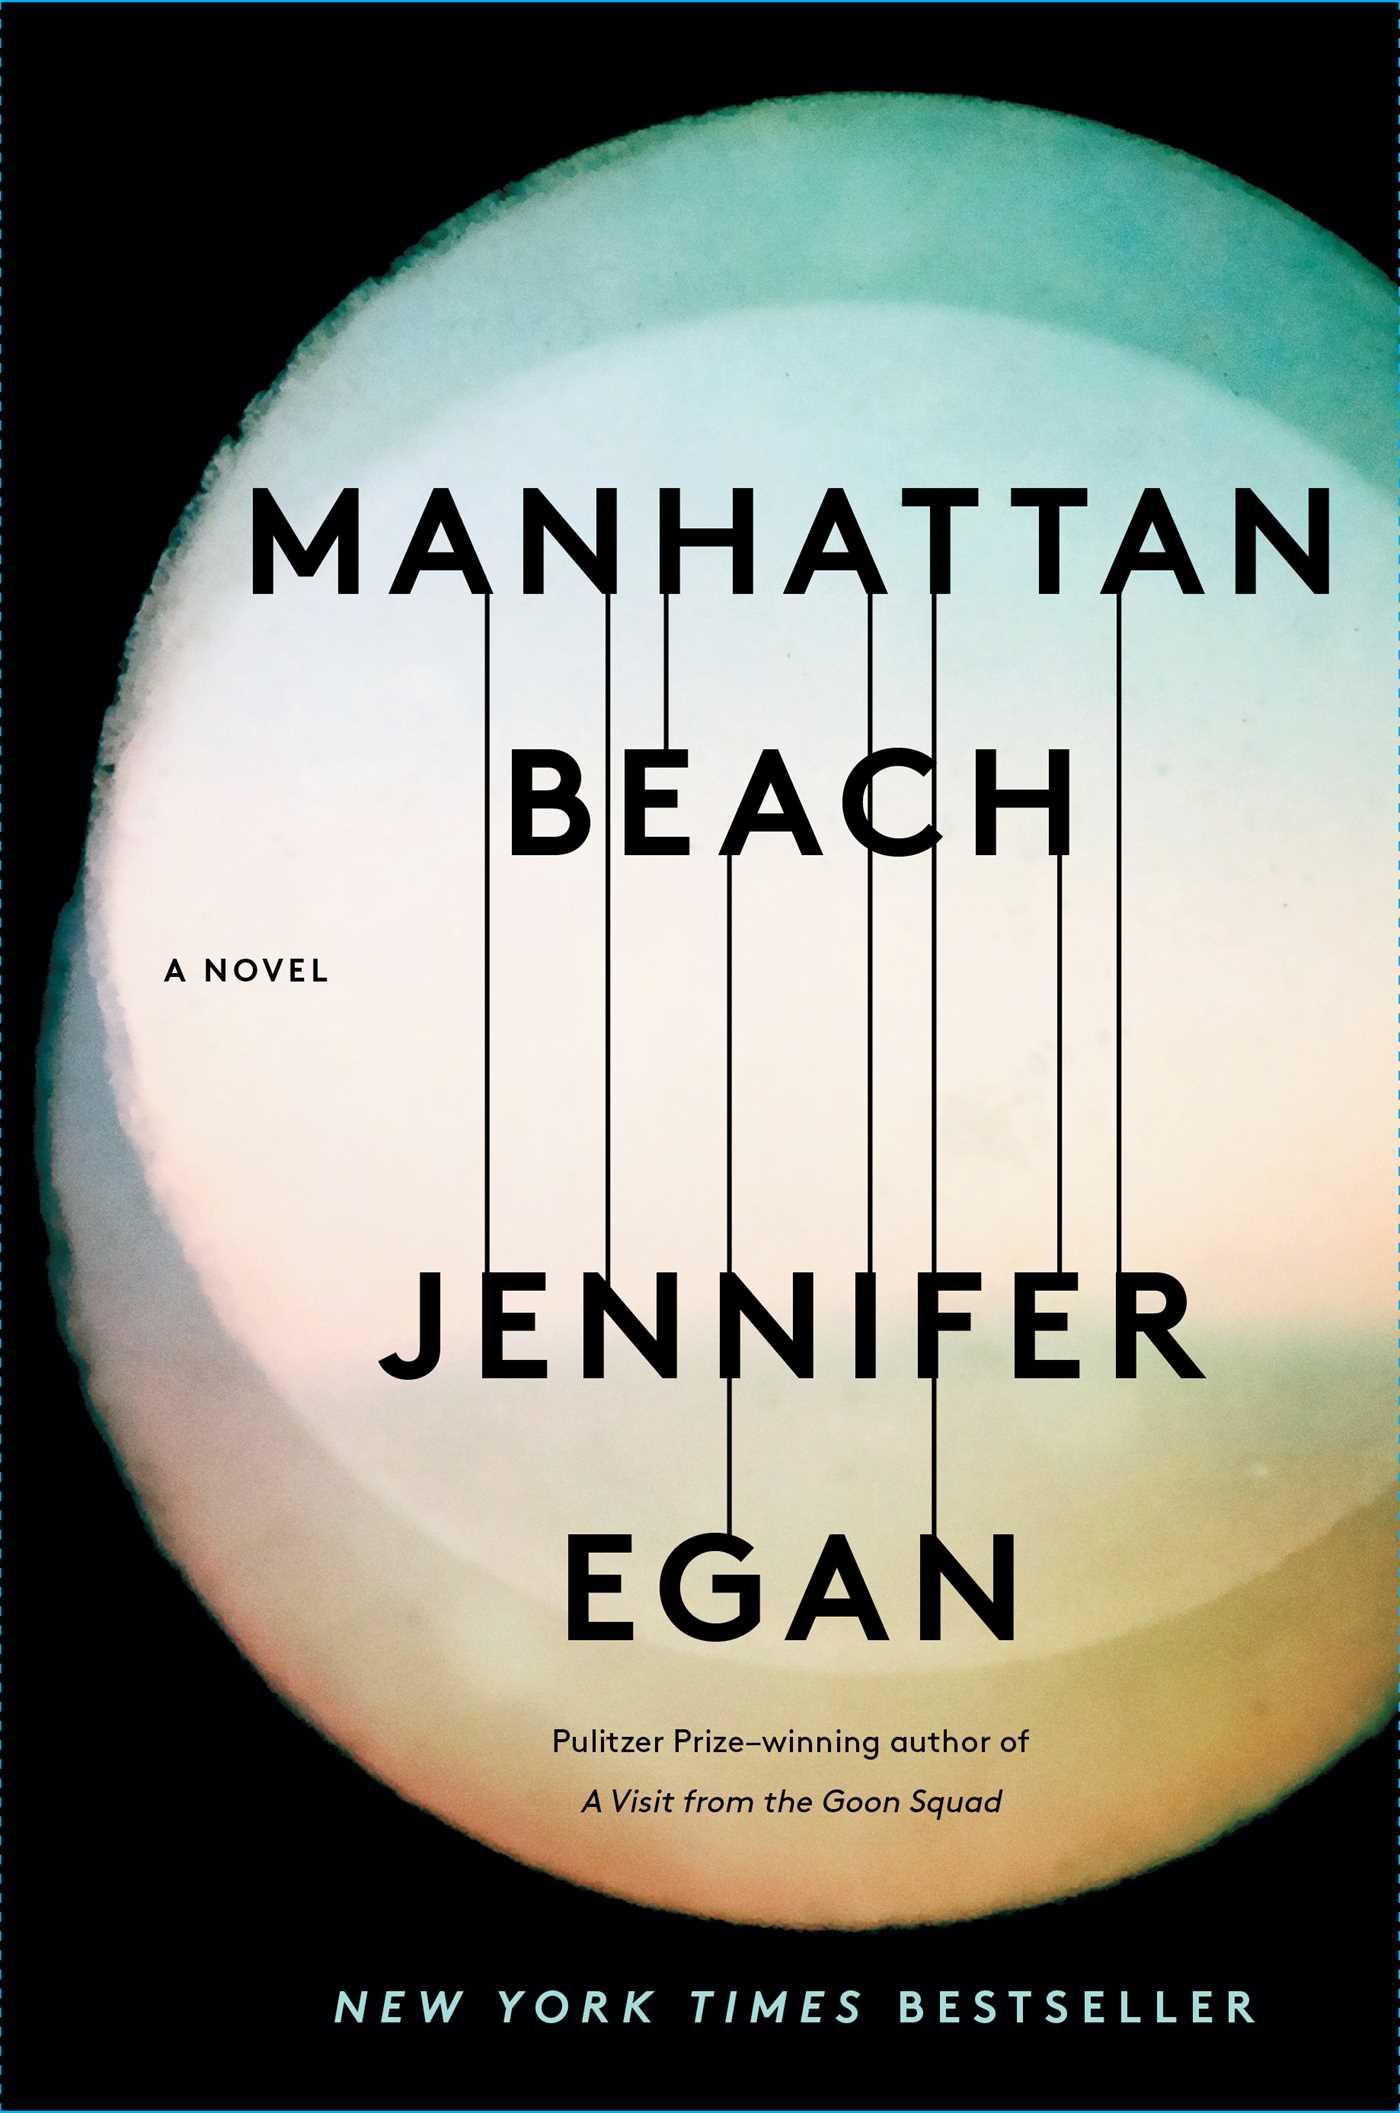 Man_Beach_Cover.jpg